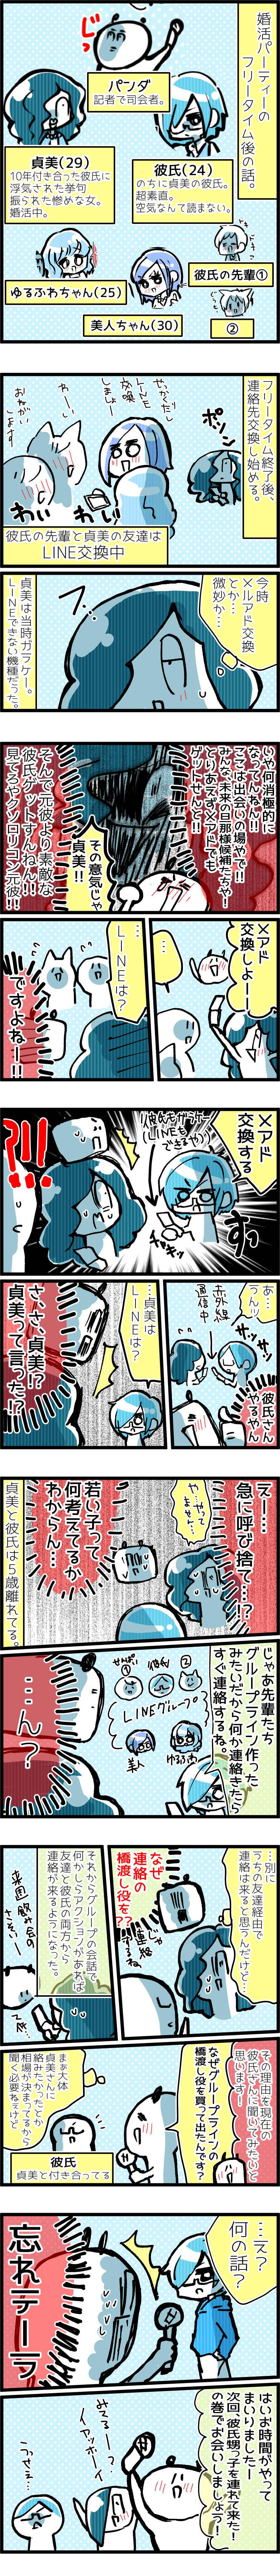 f:id:futagosiroan:20190120182830j:image